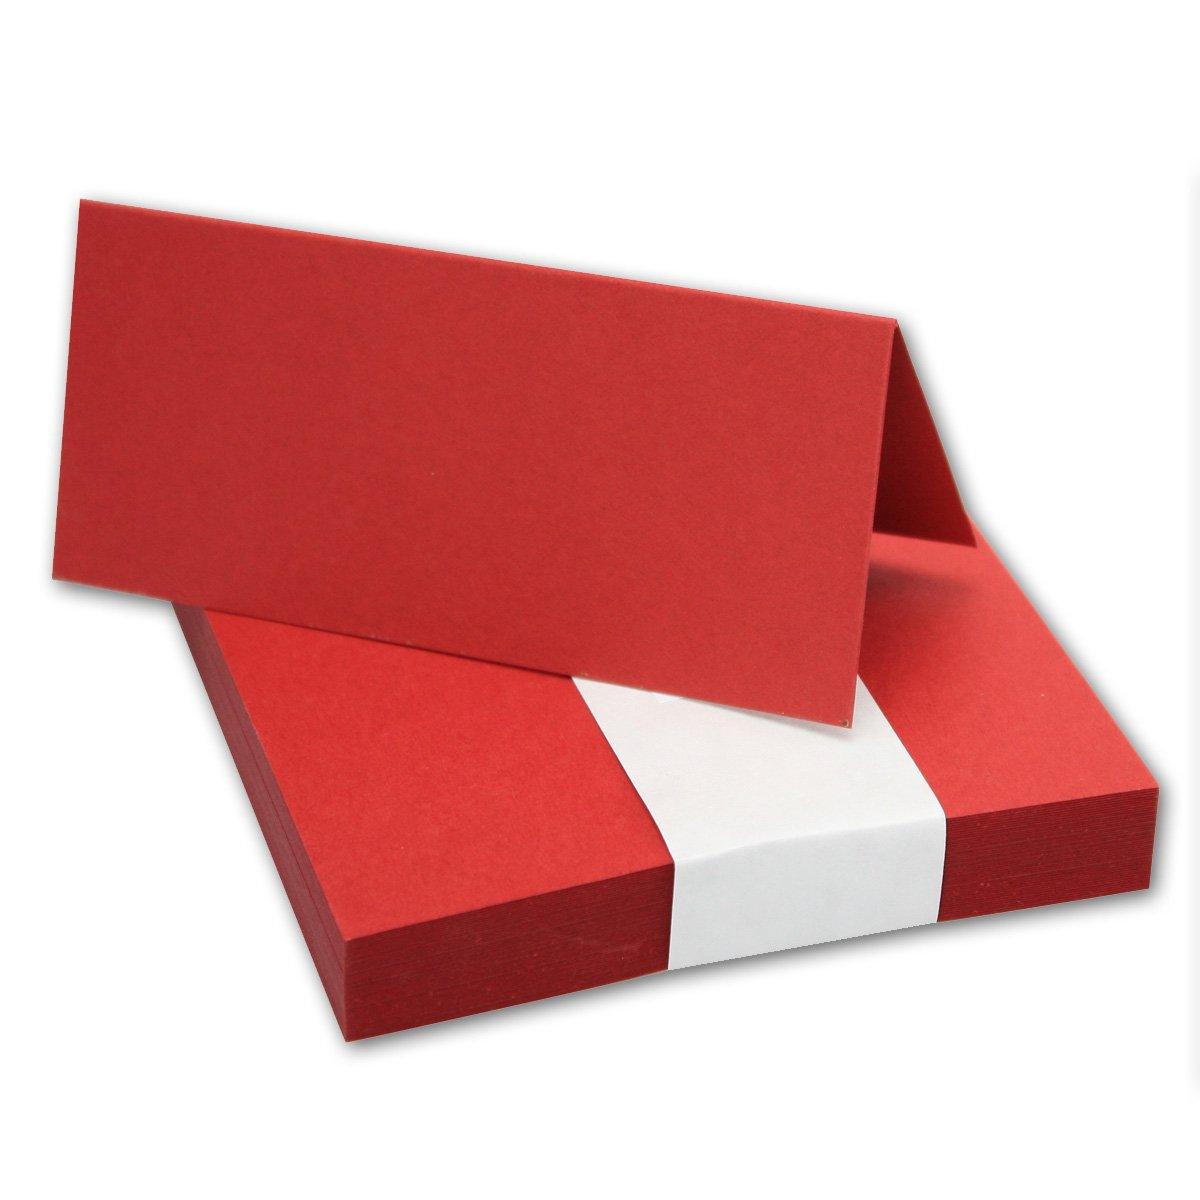 200x Tischkarten in in in Hochweiß I Größe  100 x 90 mm (Gefaltet 100 x 45 mm) I 240 g m² - Sehr Schwere und Stabile Qualität I aus der Serie FarbenFroh von NEUSER  B07FSJPJ6R | Modern Und Elegant In Der Mode  a796b0